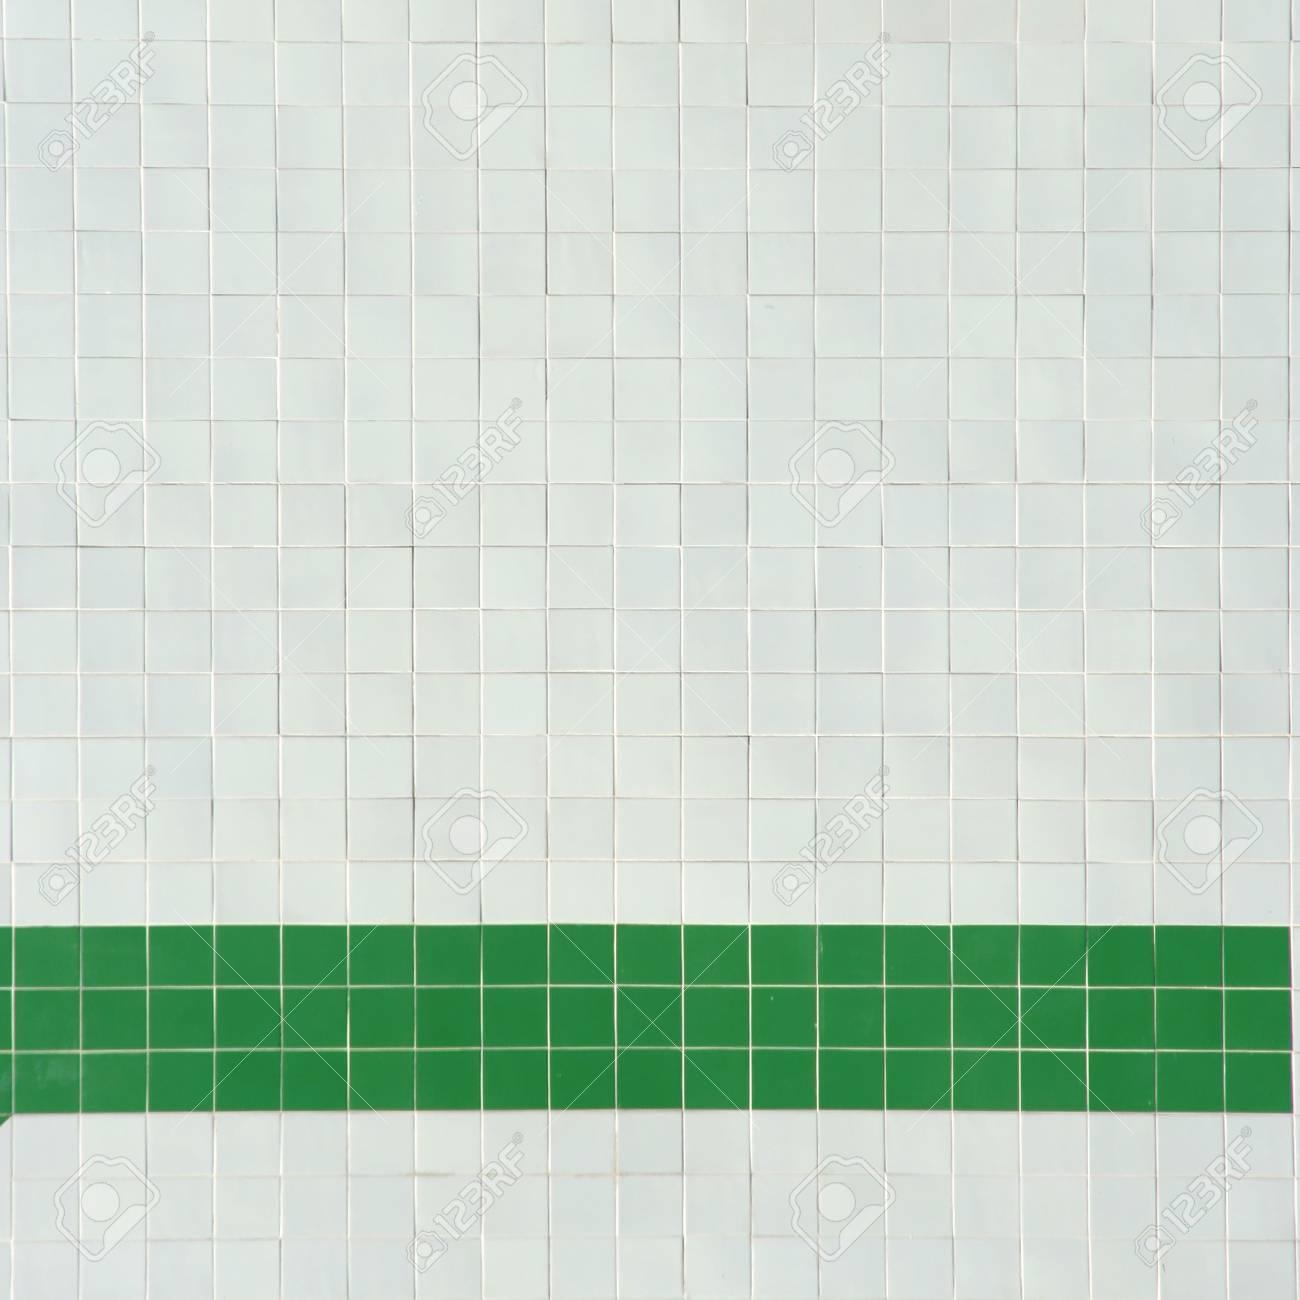 Immagini Stock Quadrato Di Sfondo Bianco E Verde Piastrelle Image